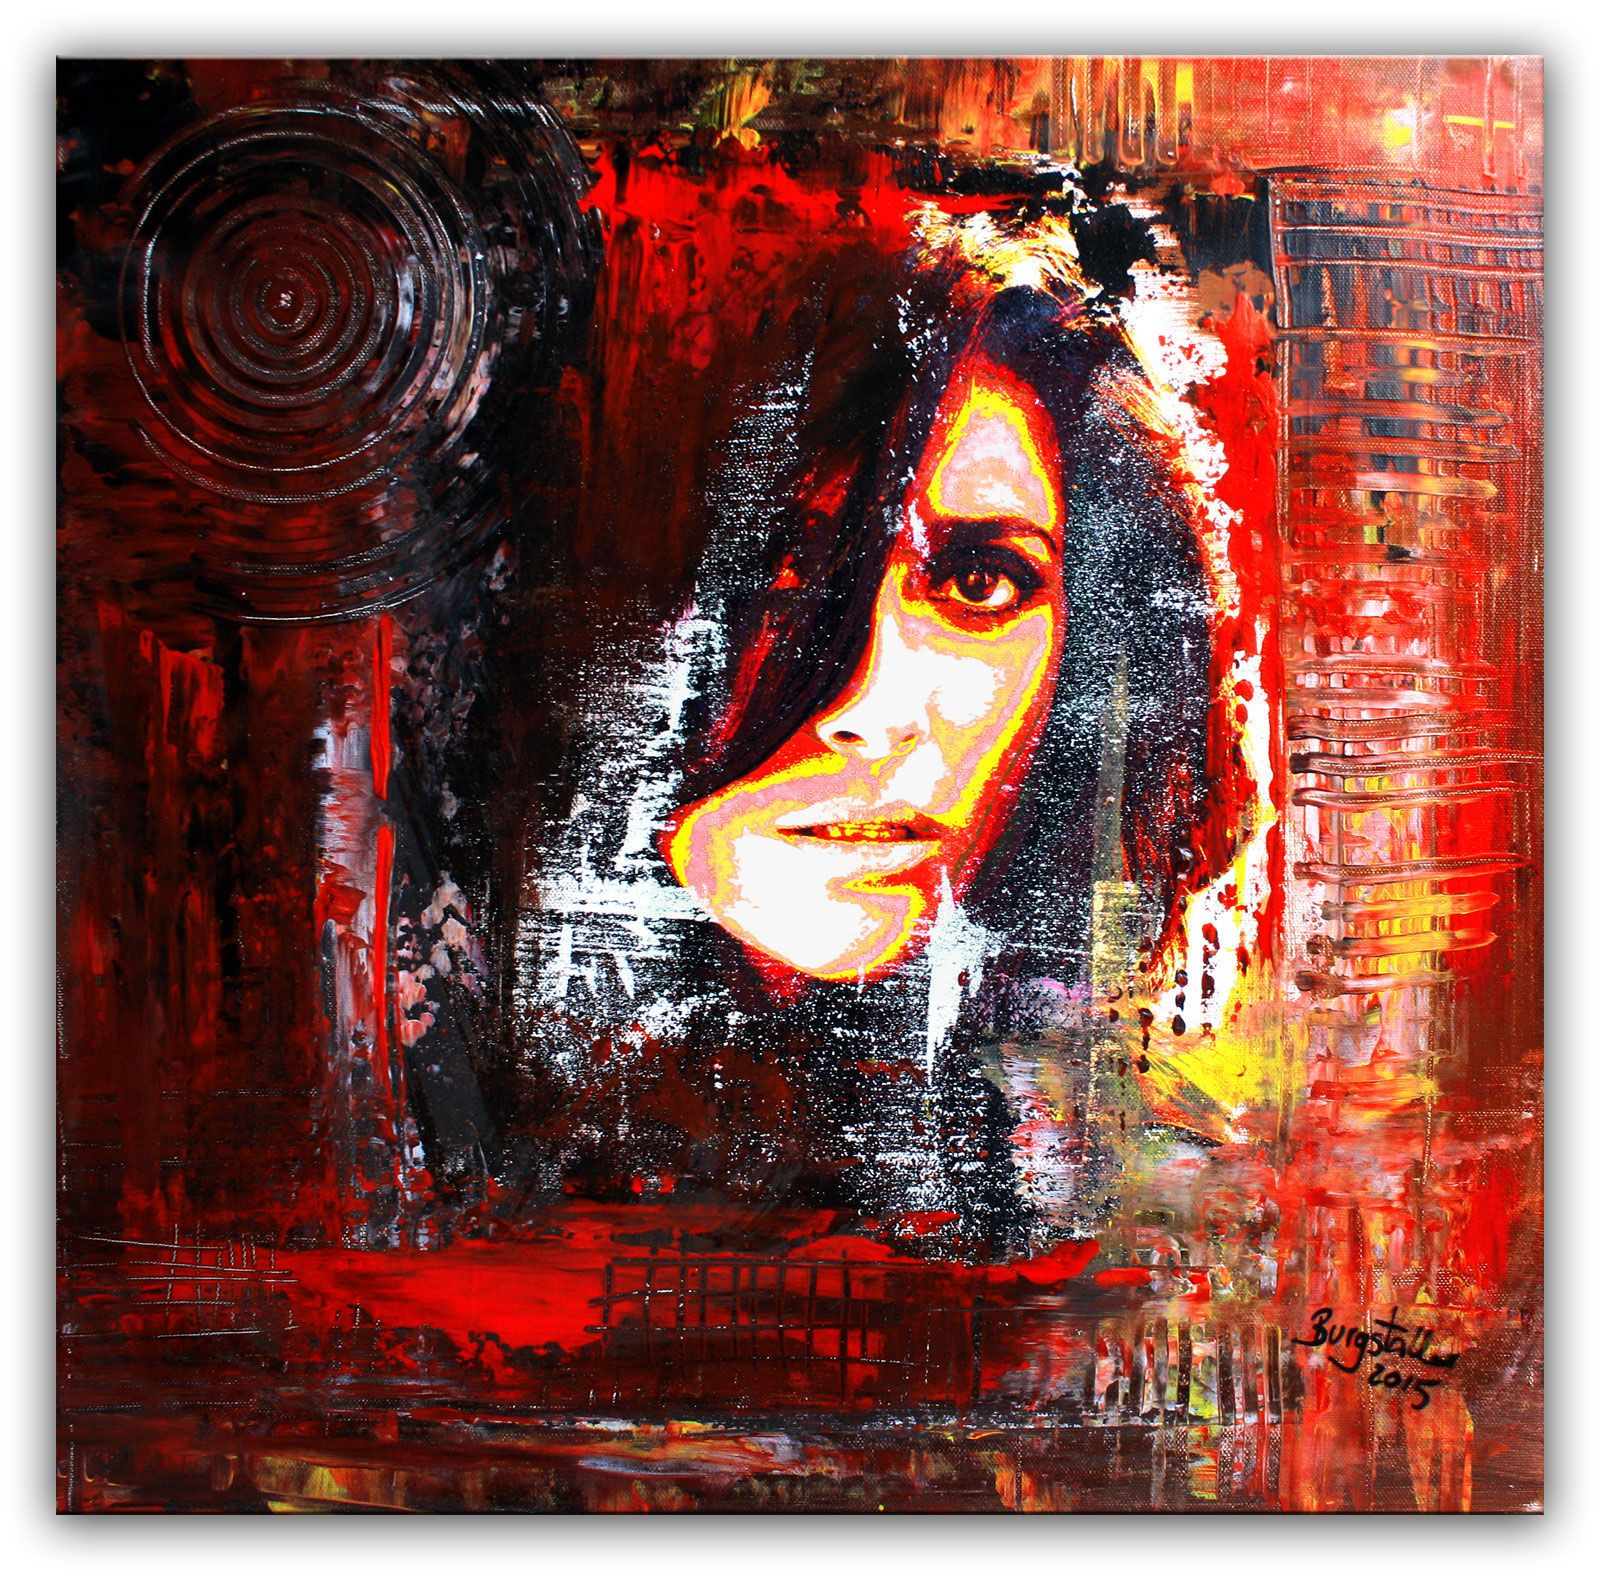 umdruck portrait 2 modern gesicht malerei 50x50 burgstallers art pinterest portrait. Black Bedroom Furniture Sets. Home Design Ideas